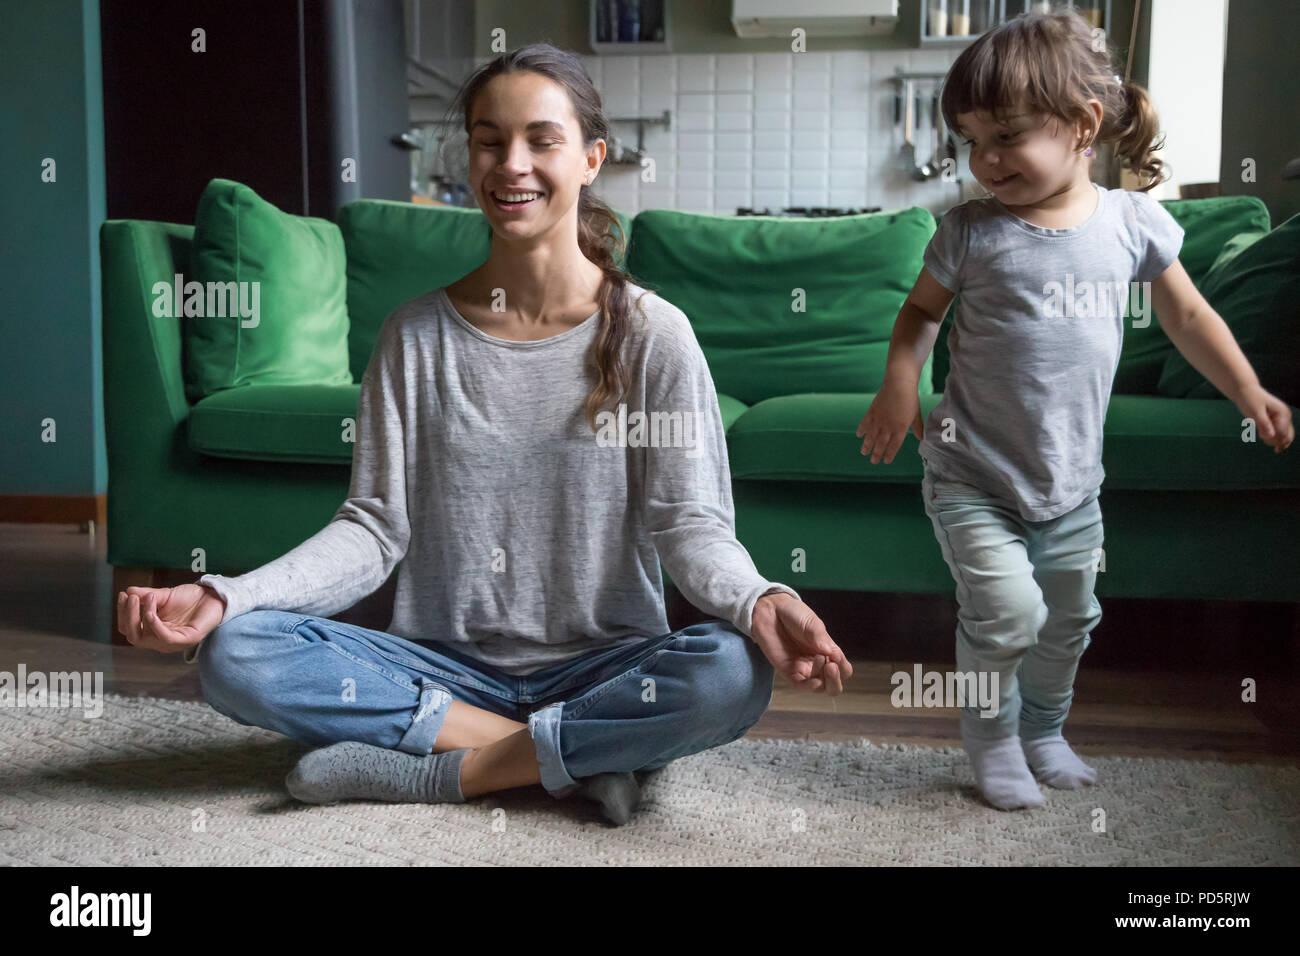 Felice memori madre fare yoga con bambini a giocare a casa Immagini Stock